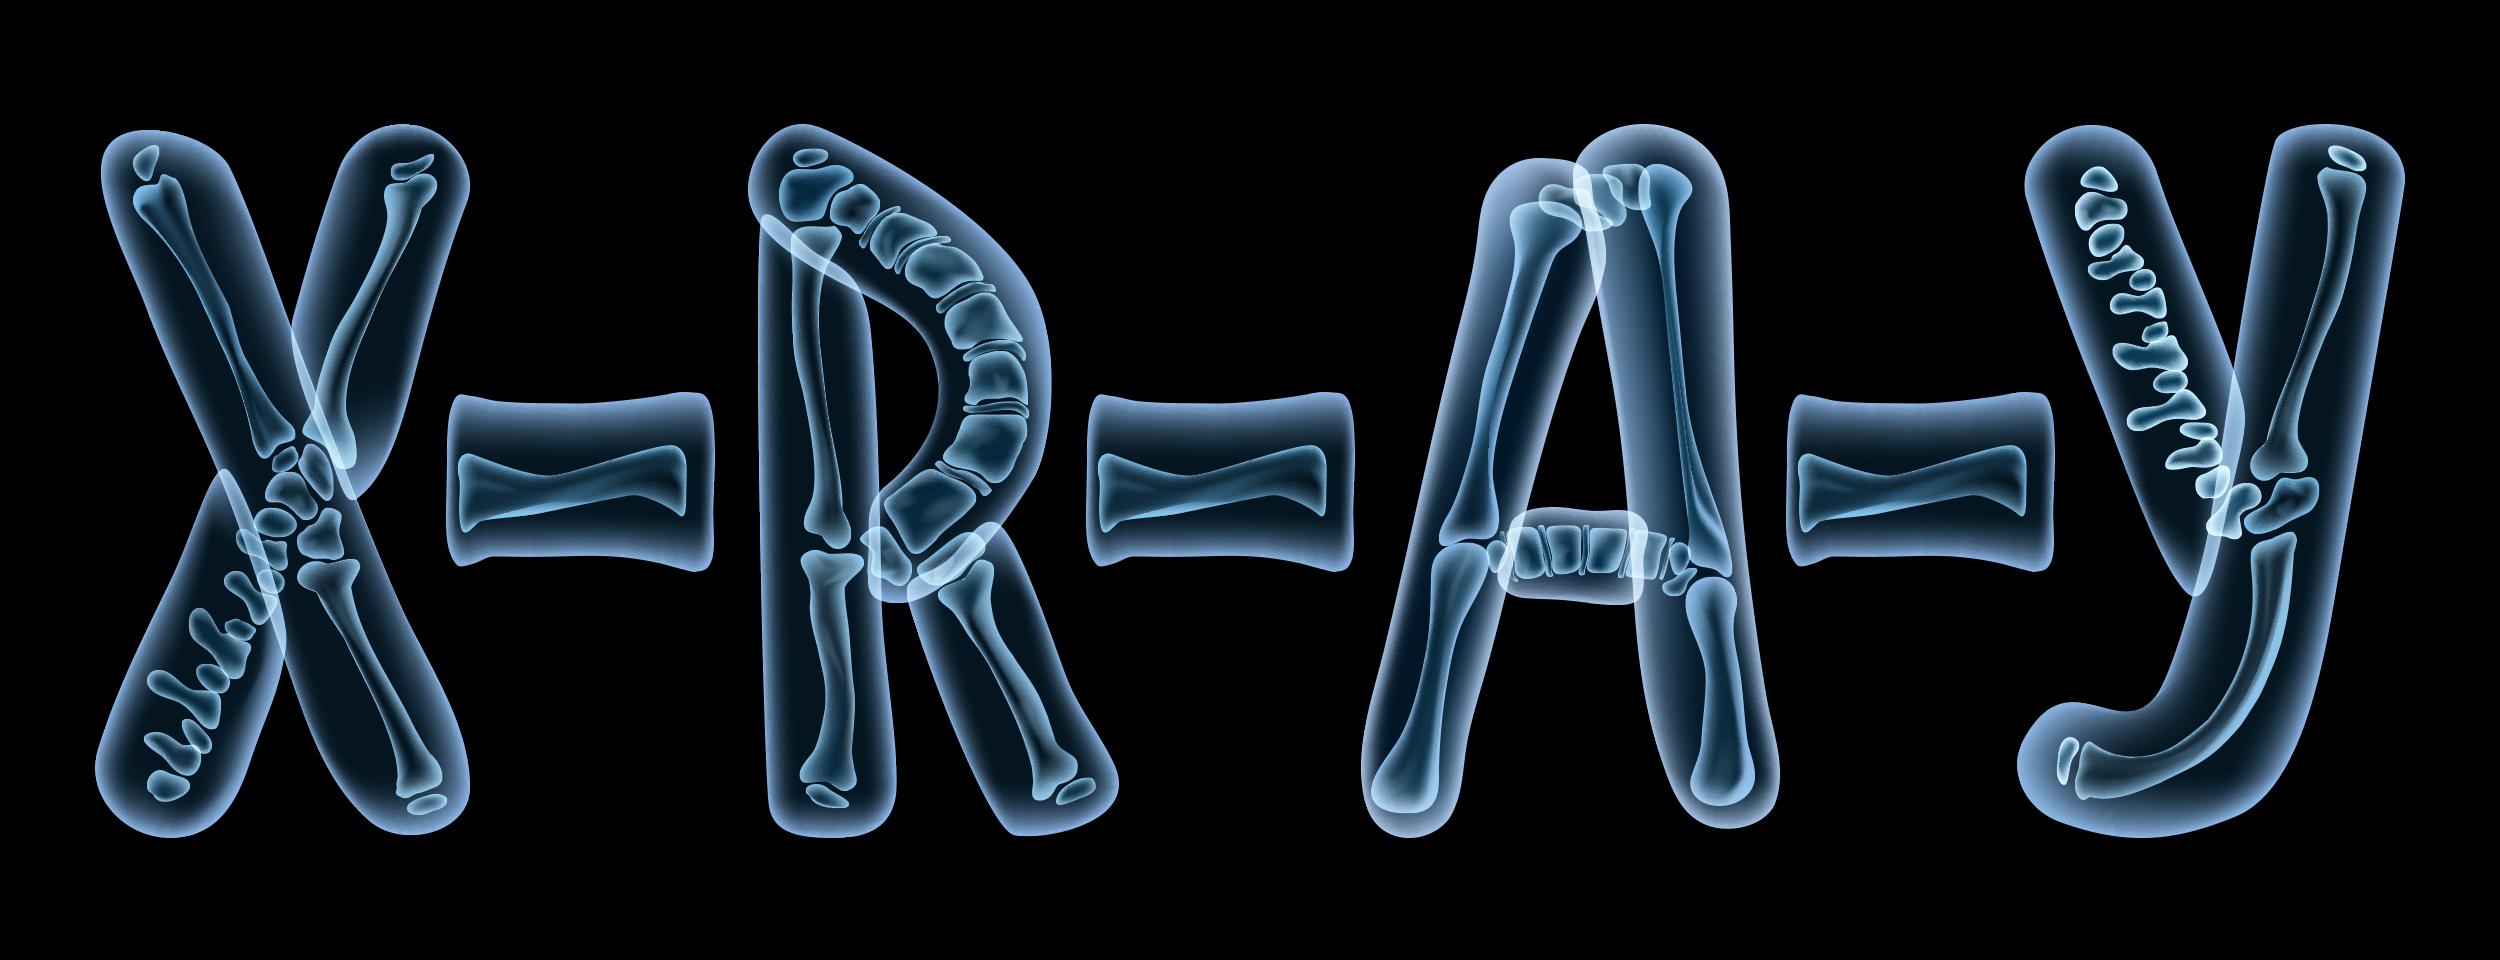 دليلك الشامل عن مكونات جهاز الأشعة السينية X Ray مجلتك Creative Nonfiction Genre Fiction Short Fiction